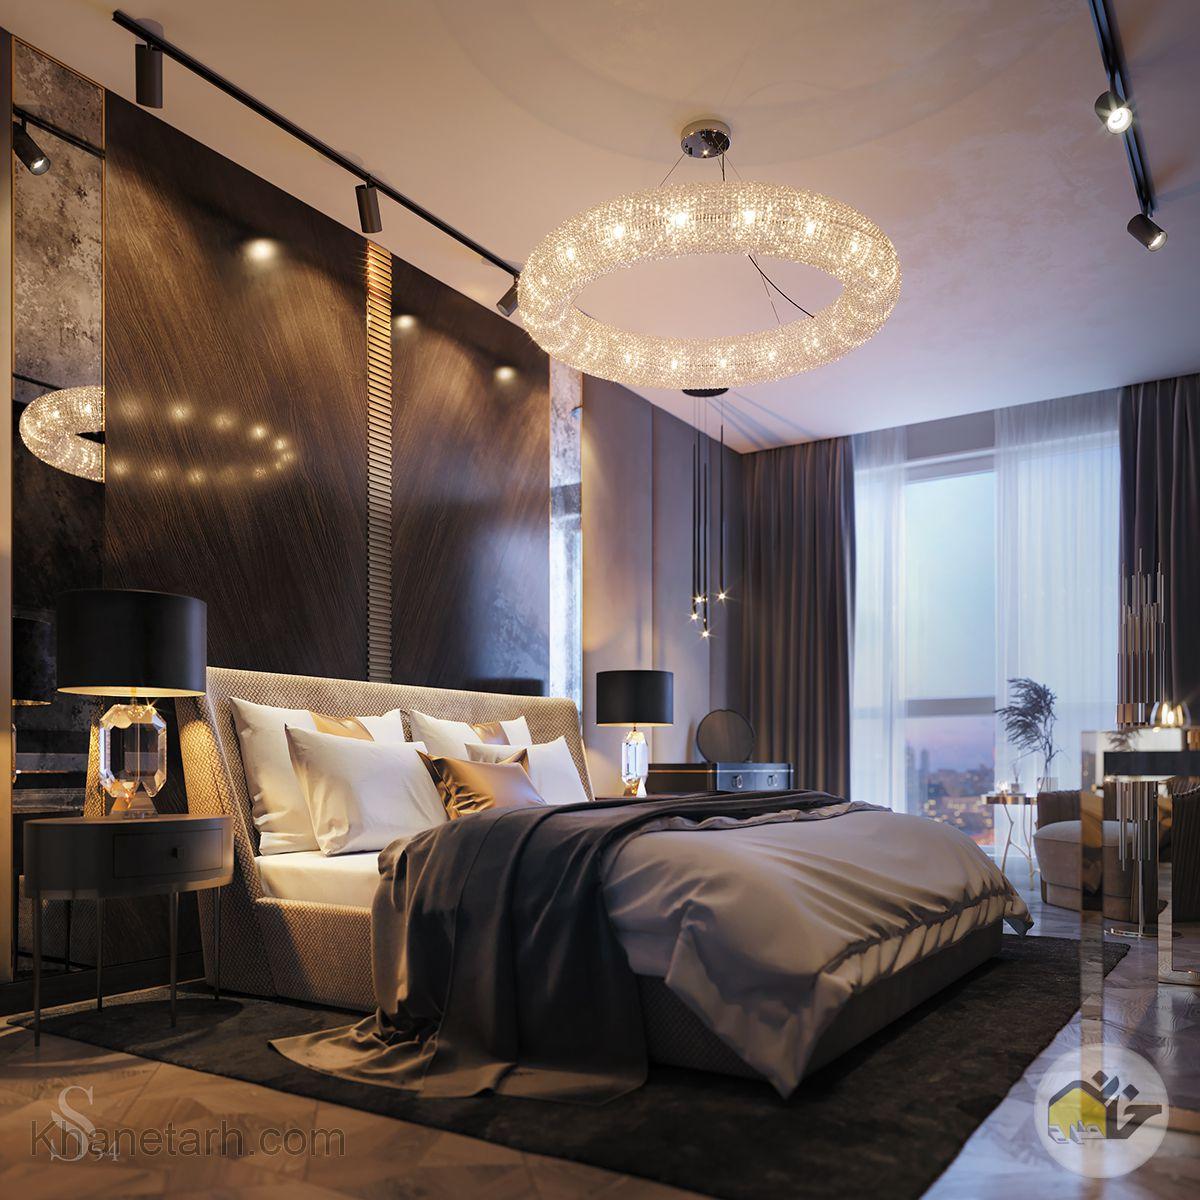 دکوراسیون اتاق خواب با رنگ قهوه ای